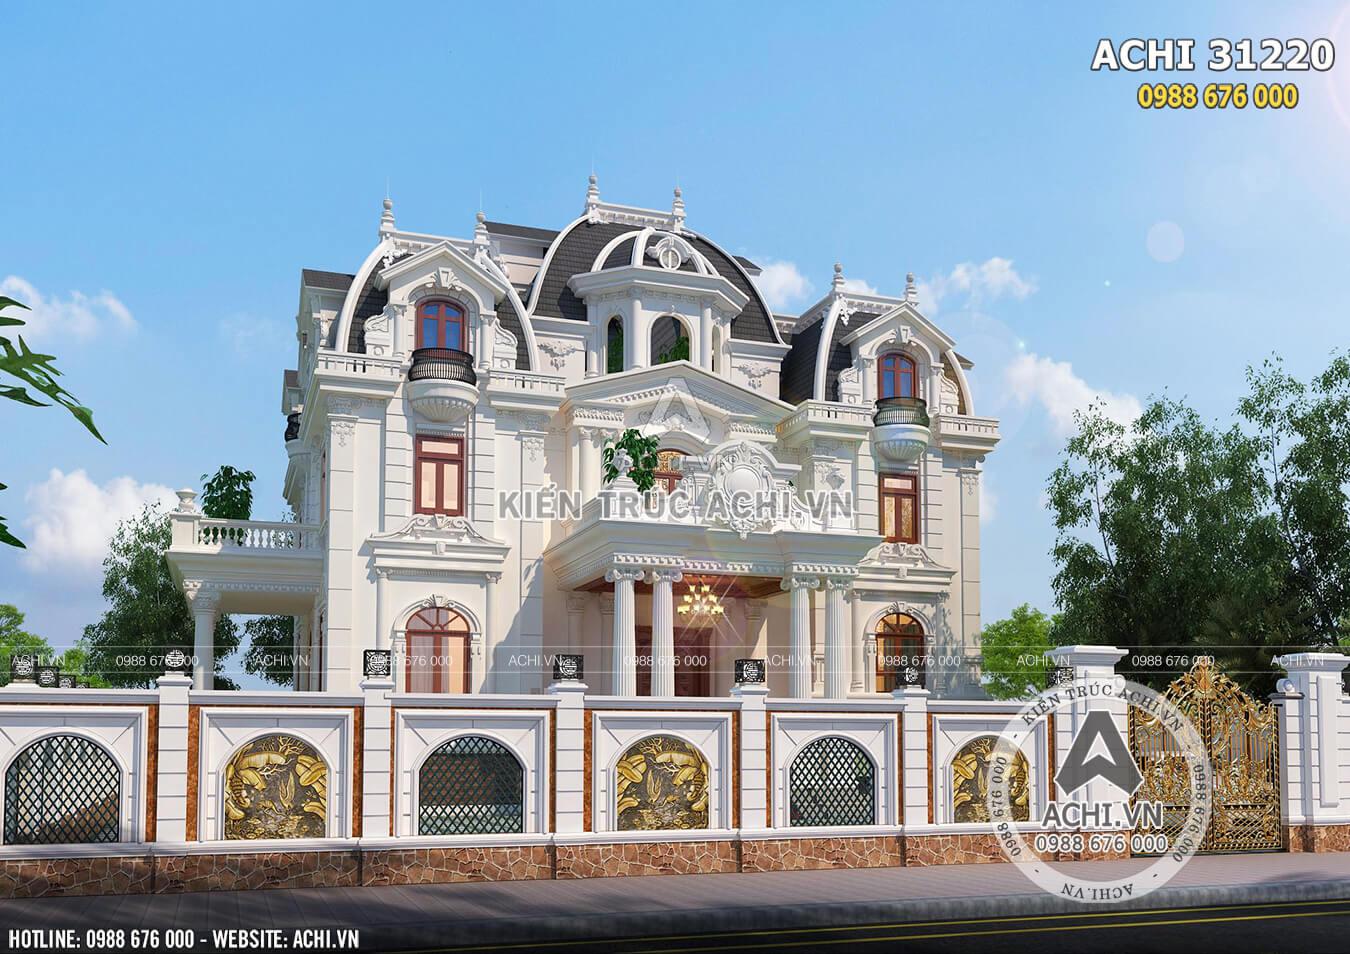 Phối cảnh 3D ngoại thất mẫu biệt thự tân cổ điển khi nhìn từ ngoài đường